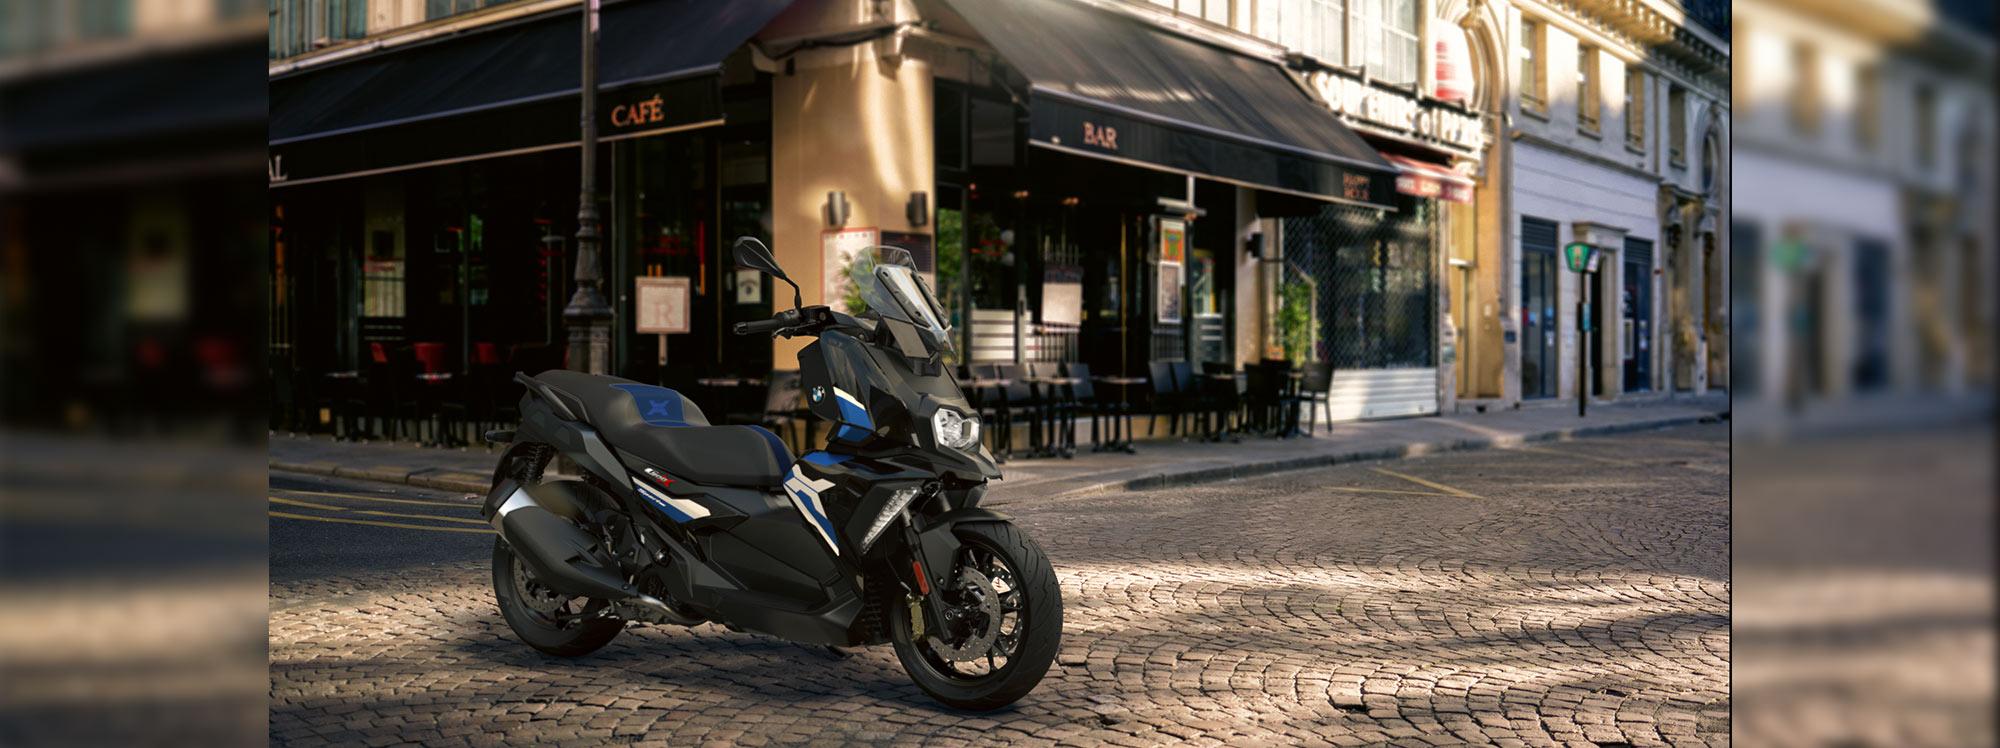 BMW Motorrad presenta las nuevas versiones de C 400 y C 400 GT